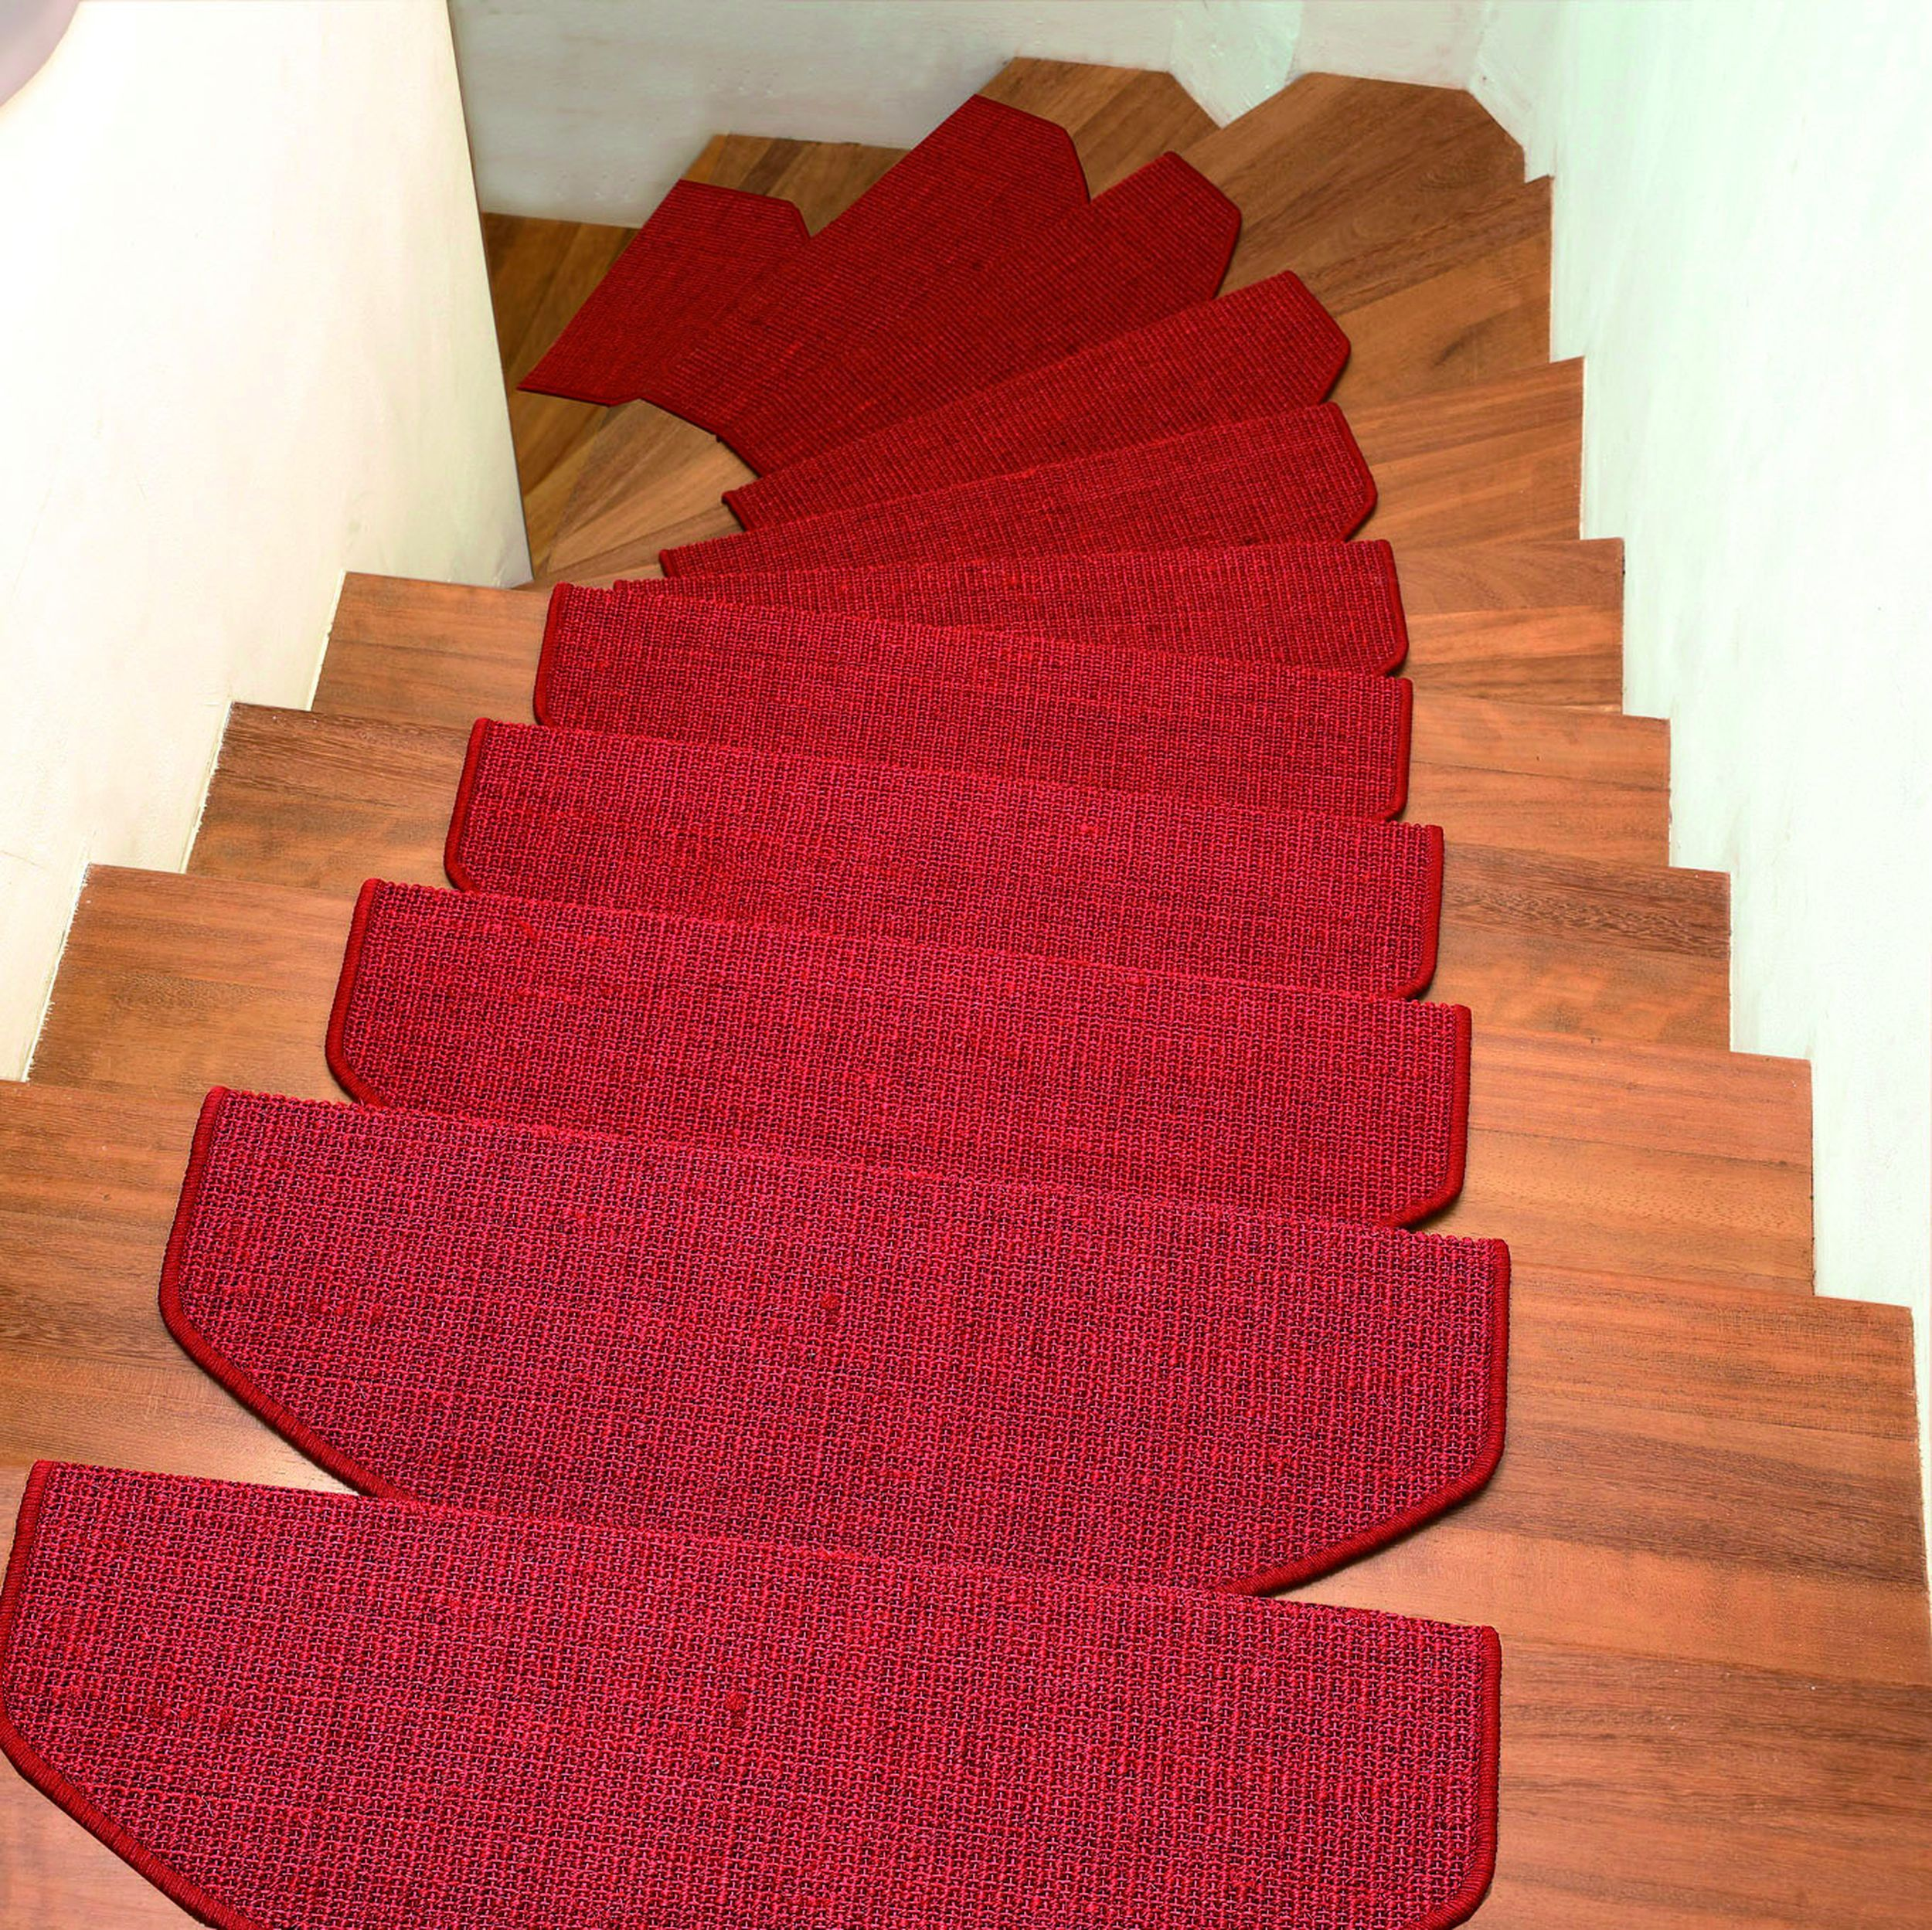 stufenmatten zubeh r tretford teppiche online kaufen. Black Bedroom Furniture Sets. Home Design Ideas